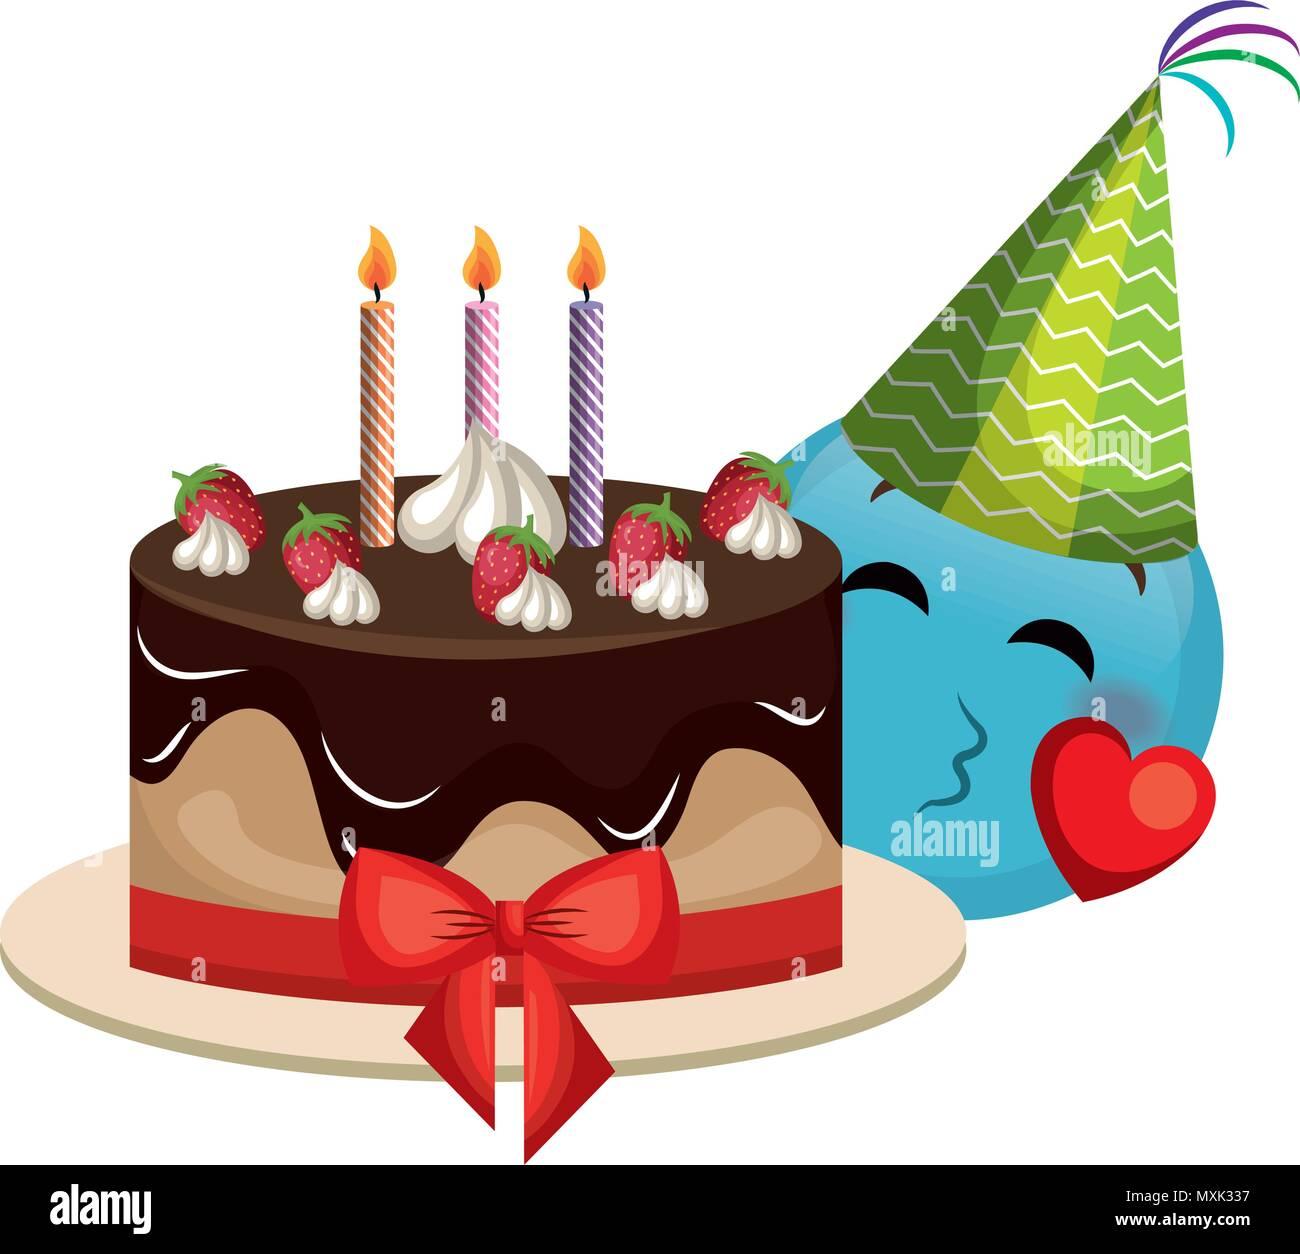 Emoji Gesicht Mit Party Hut Und Kuchen Vektor Abbildung Bild